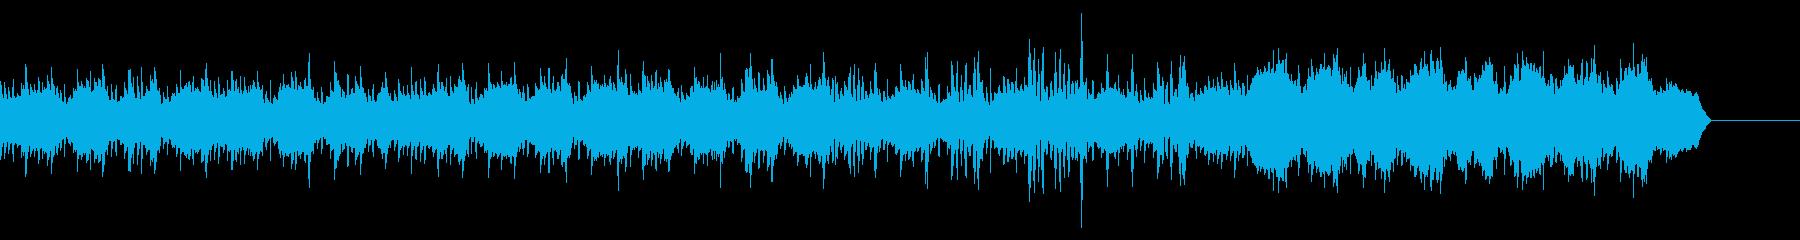 シンプルな曲/TVショッピングをイメージの再生済みの波形